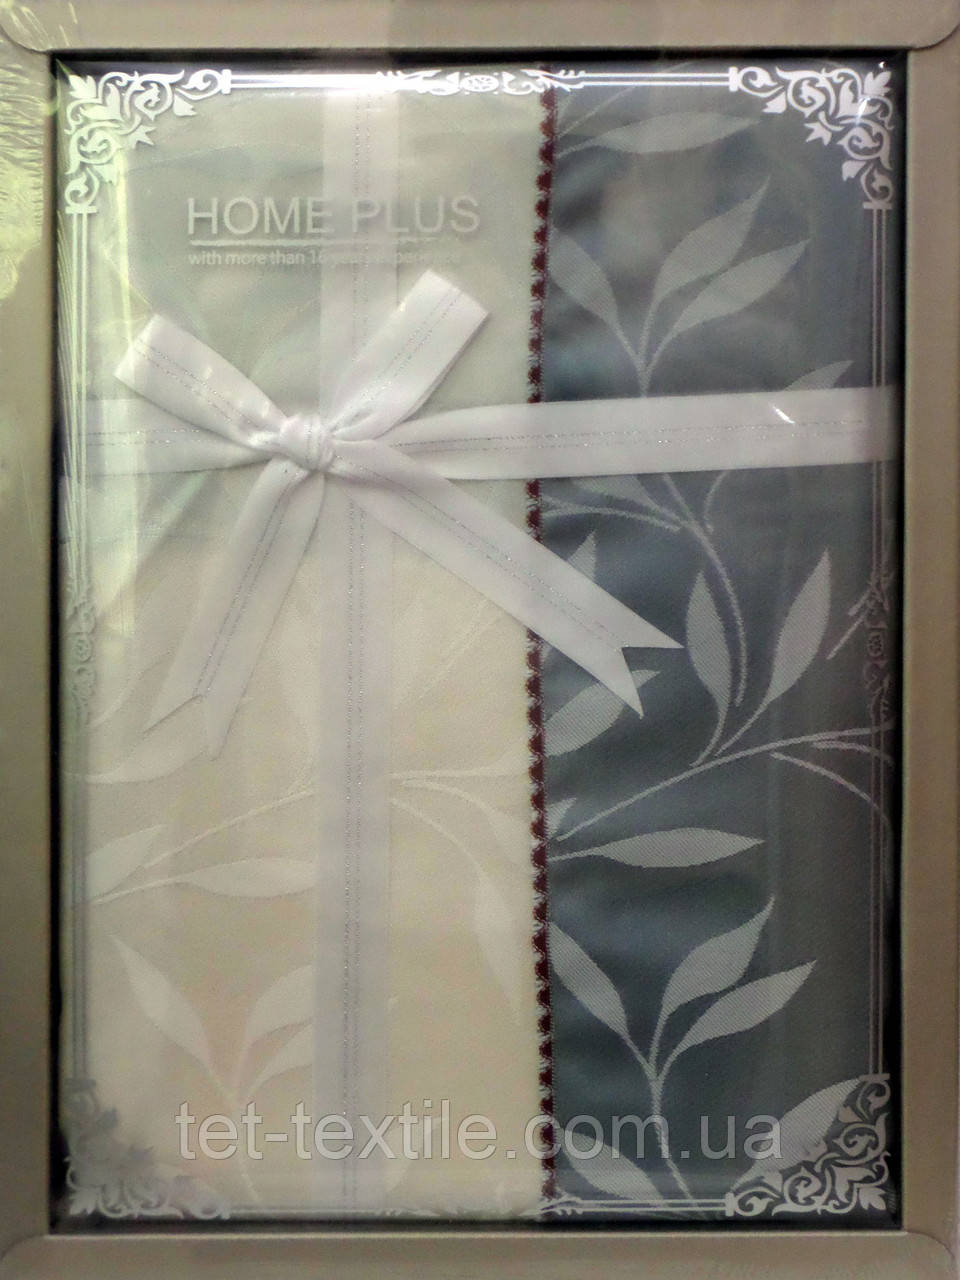 Скатерть ванильно-серые листочки Home Plus (150x220cm.)